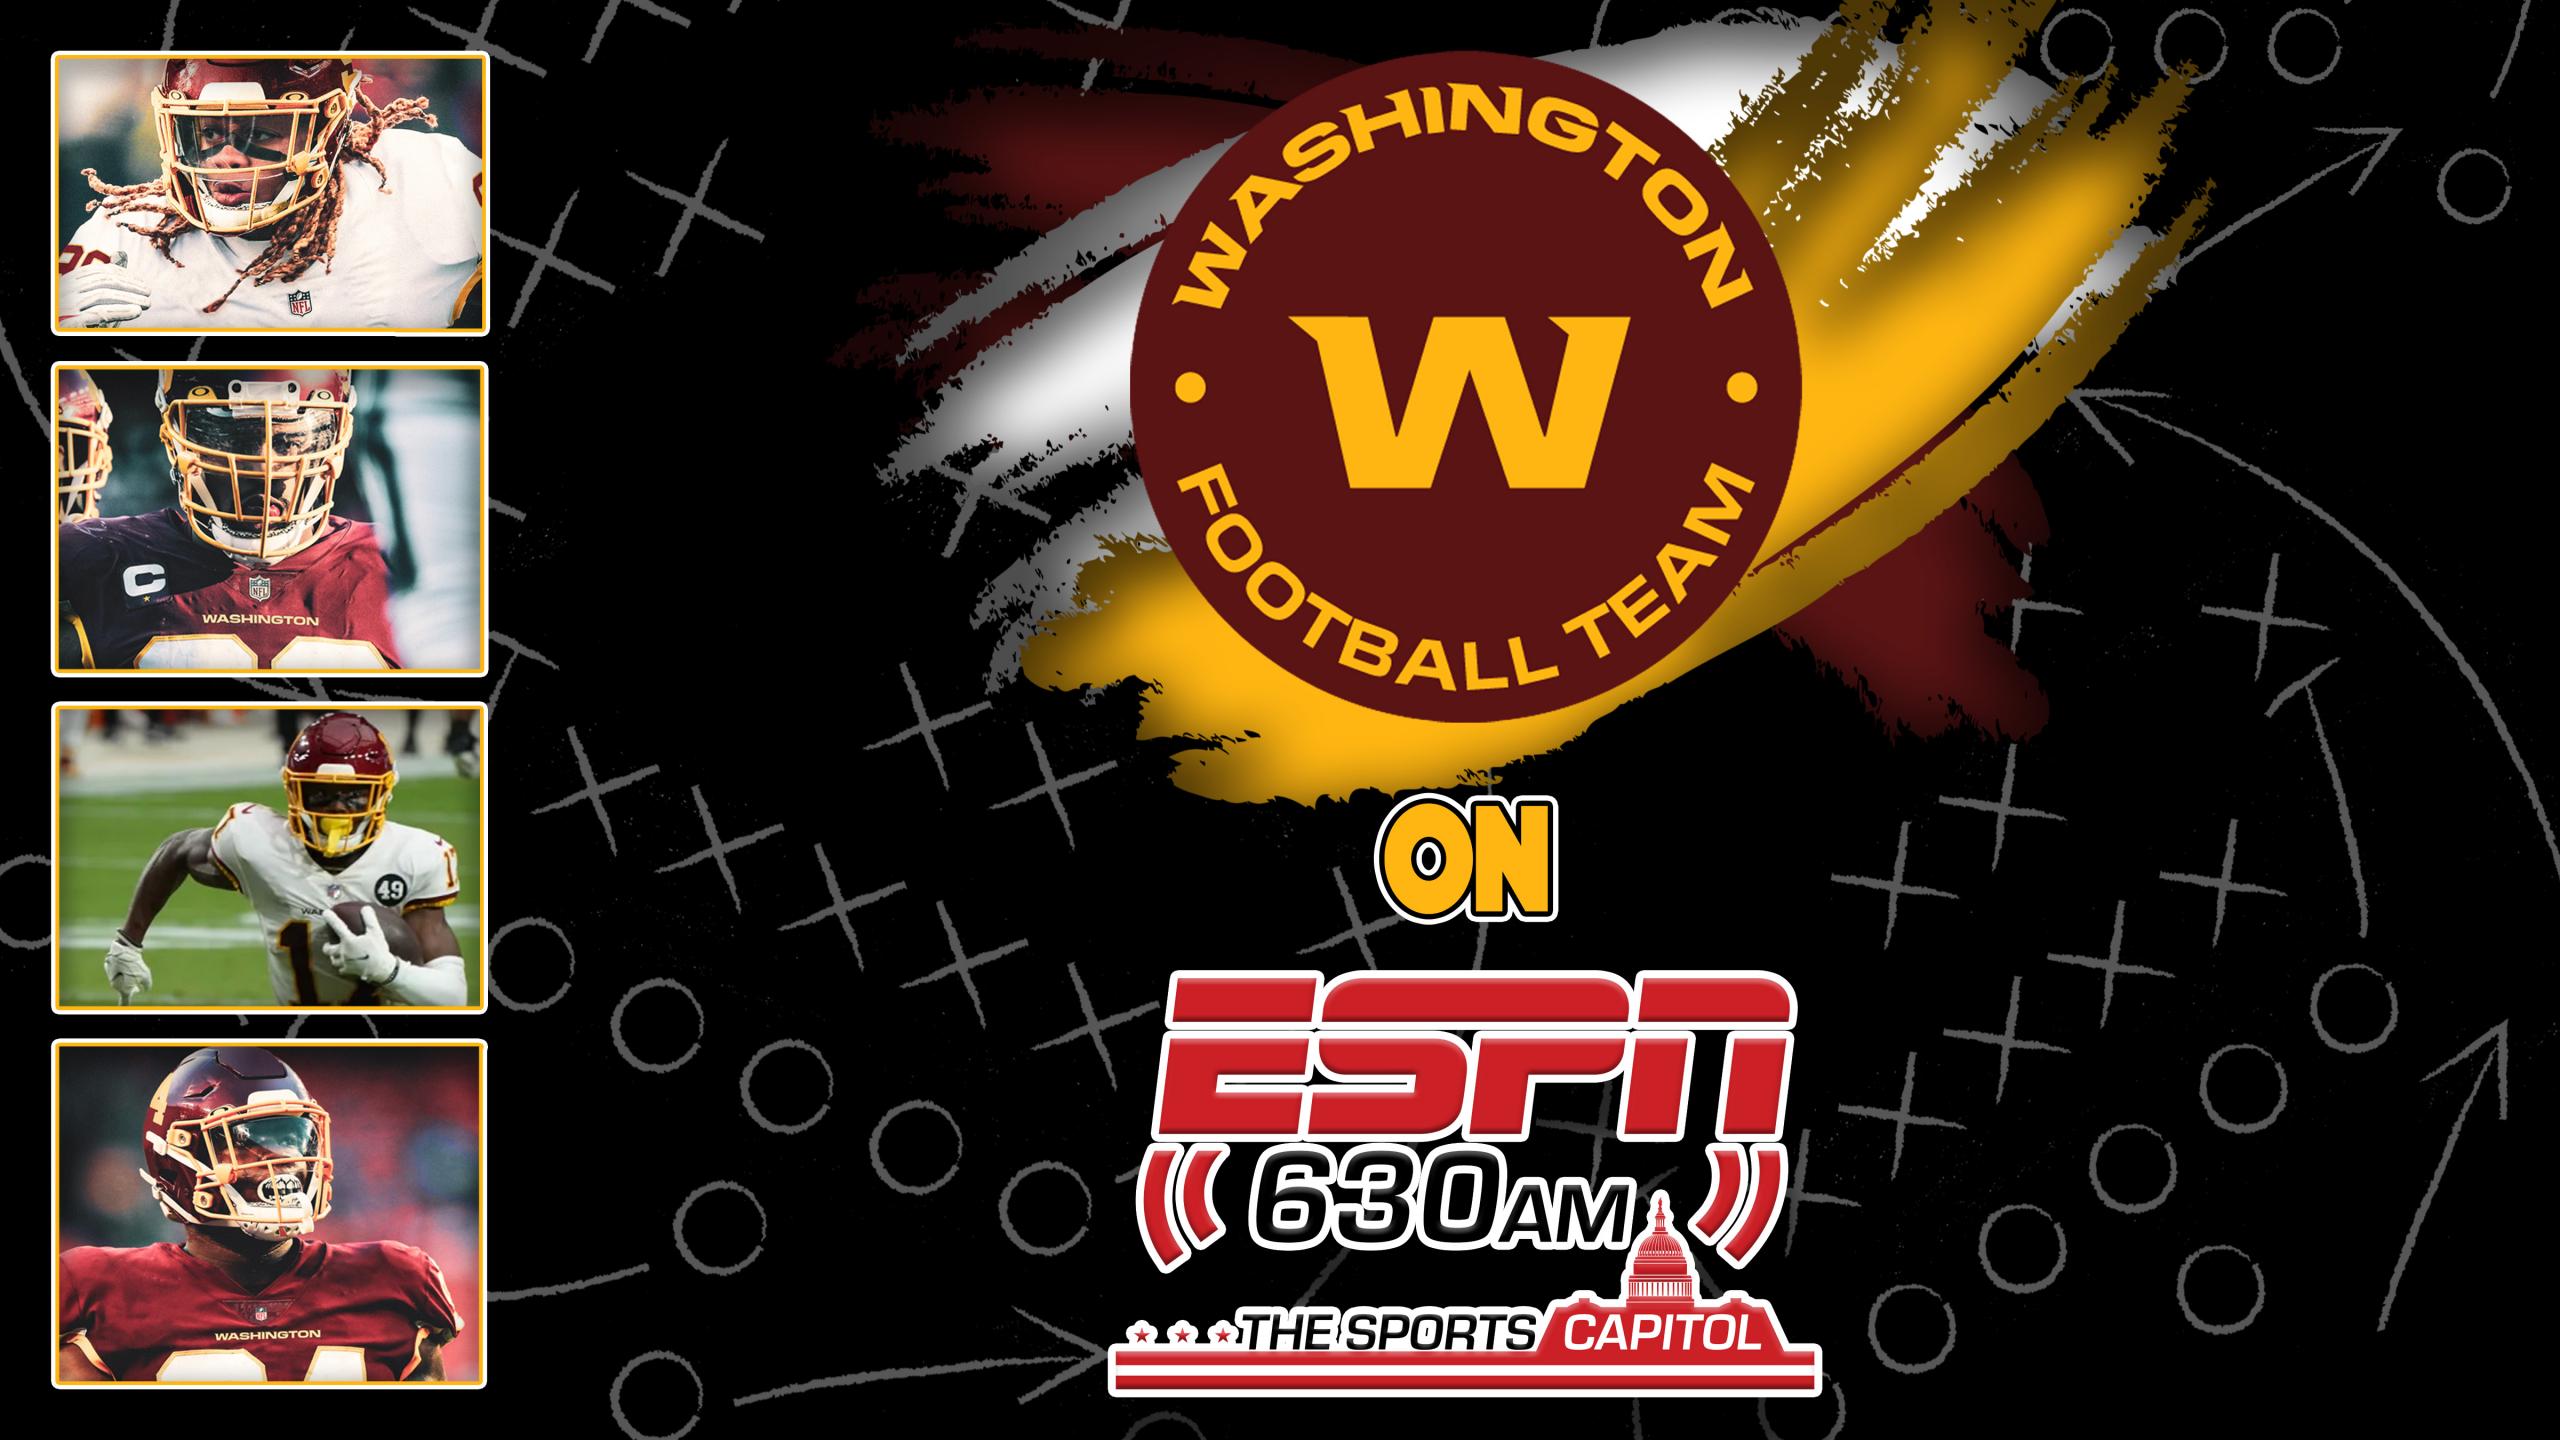 Win Tickets To See The Washington Football Team vs The Kansas City Chiefs!